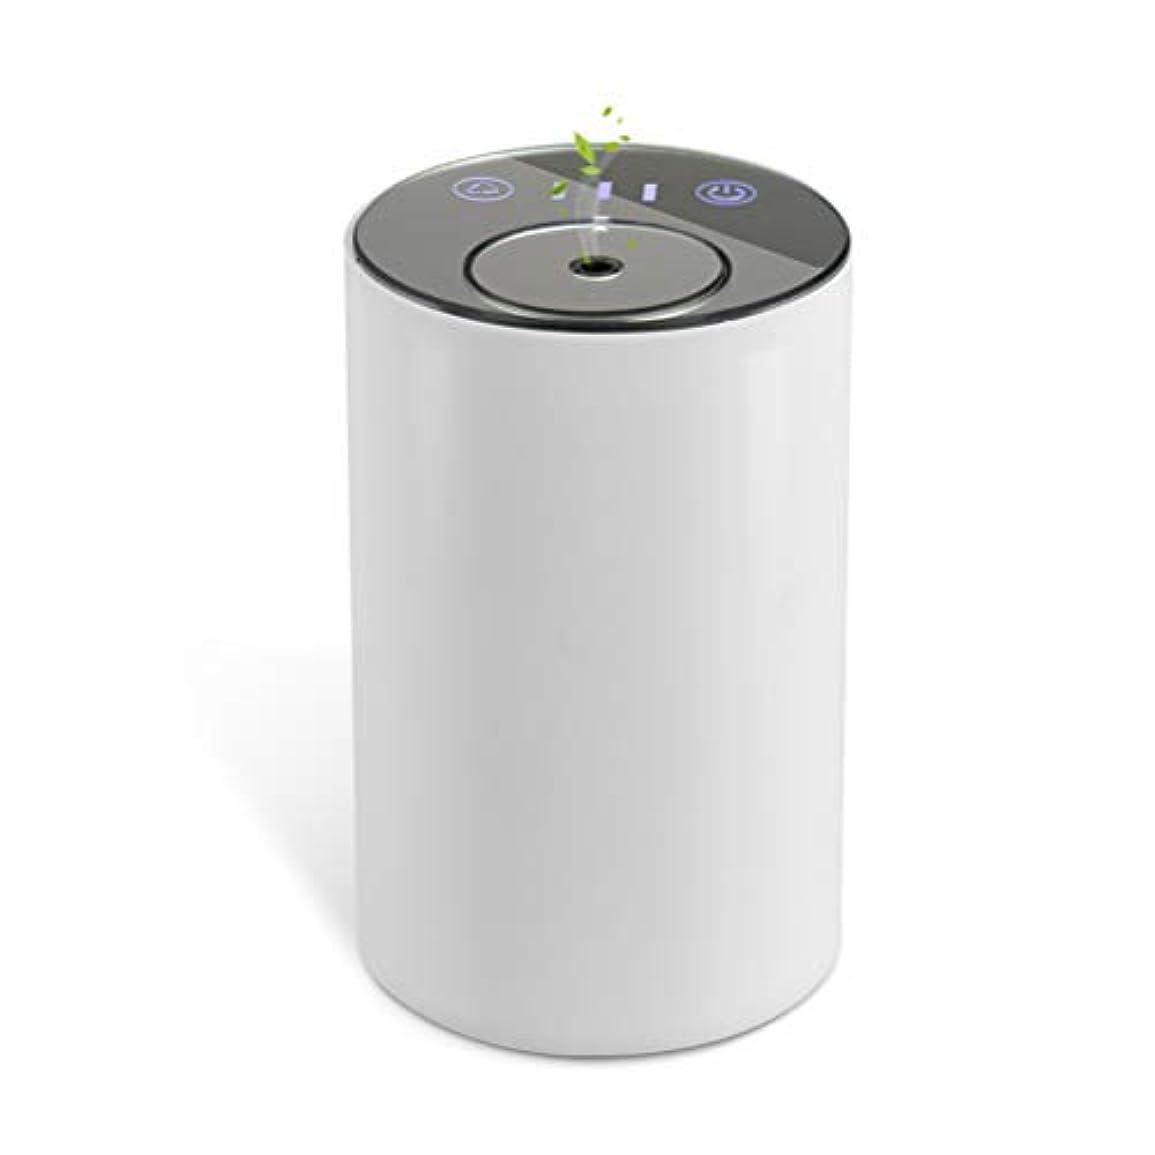 アロマディフューザー ネブライザー式 水なし 充電式 静音 噴霧 ミスト量調整可 タイマー機能 車用 エッセンシャルオイルの節約